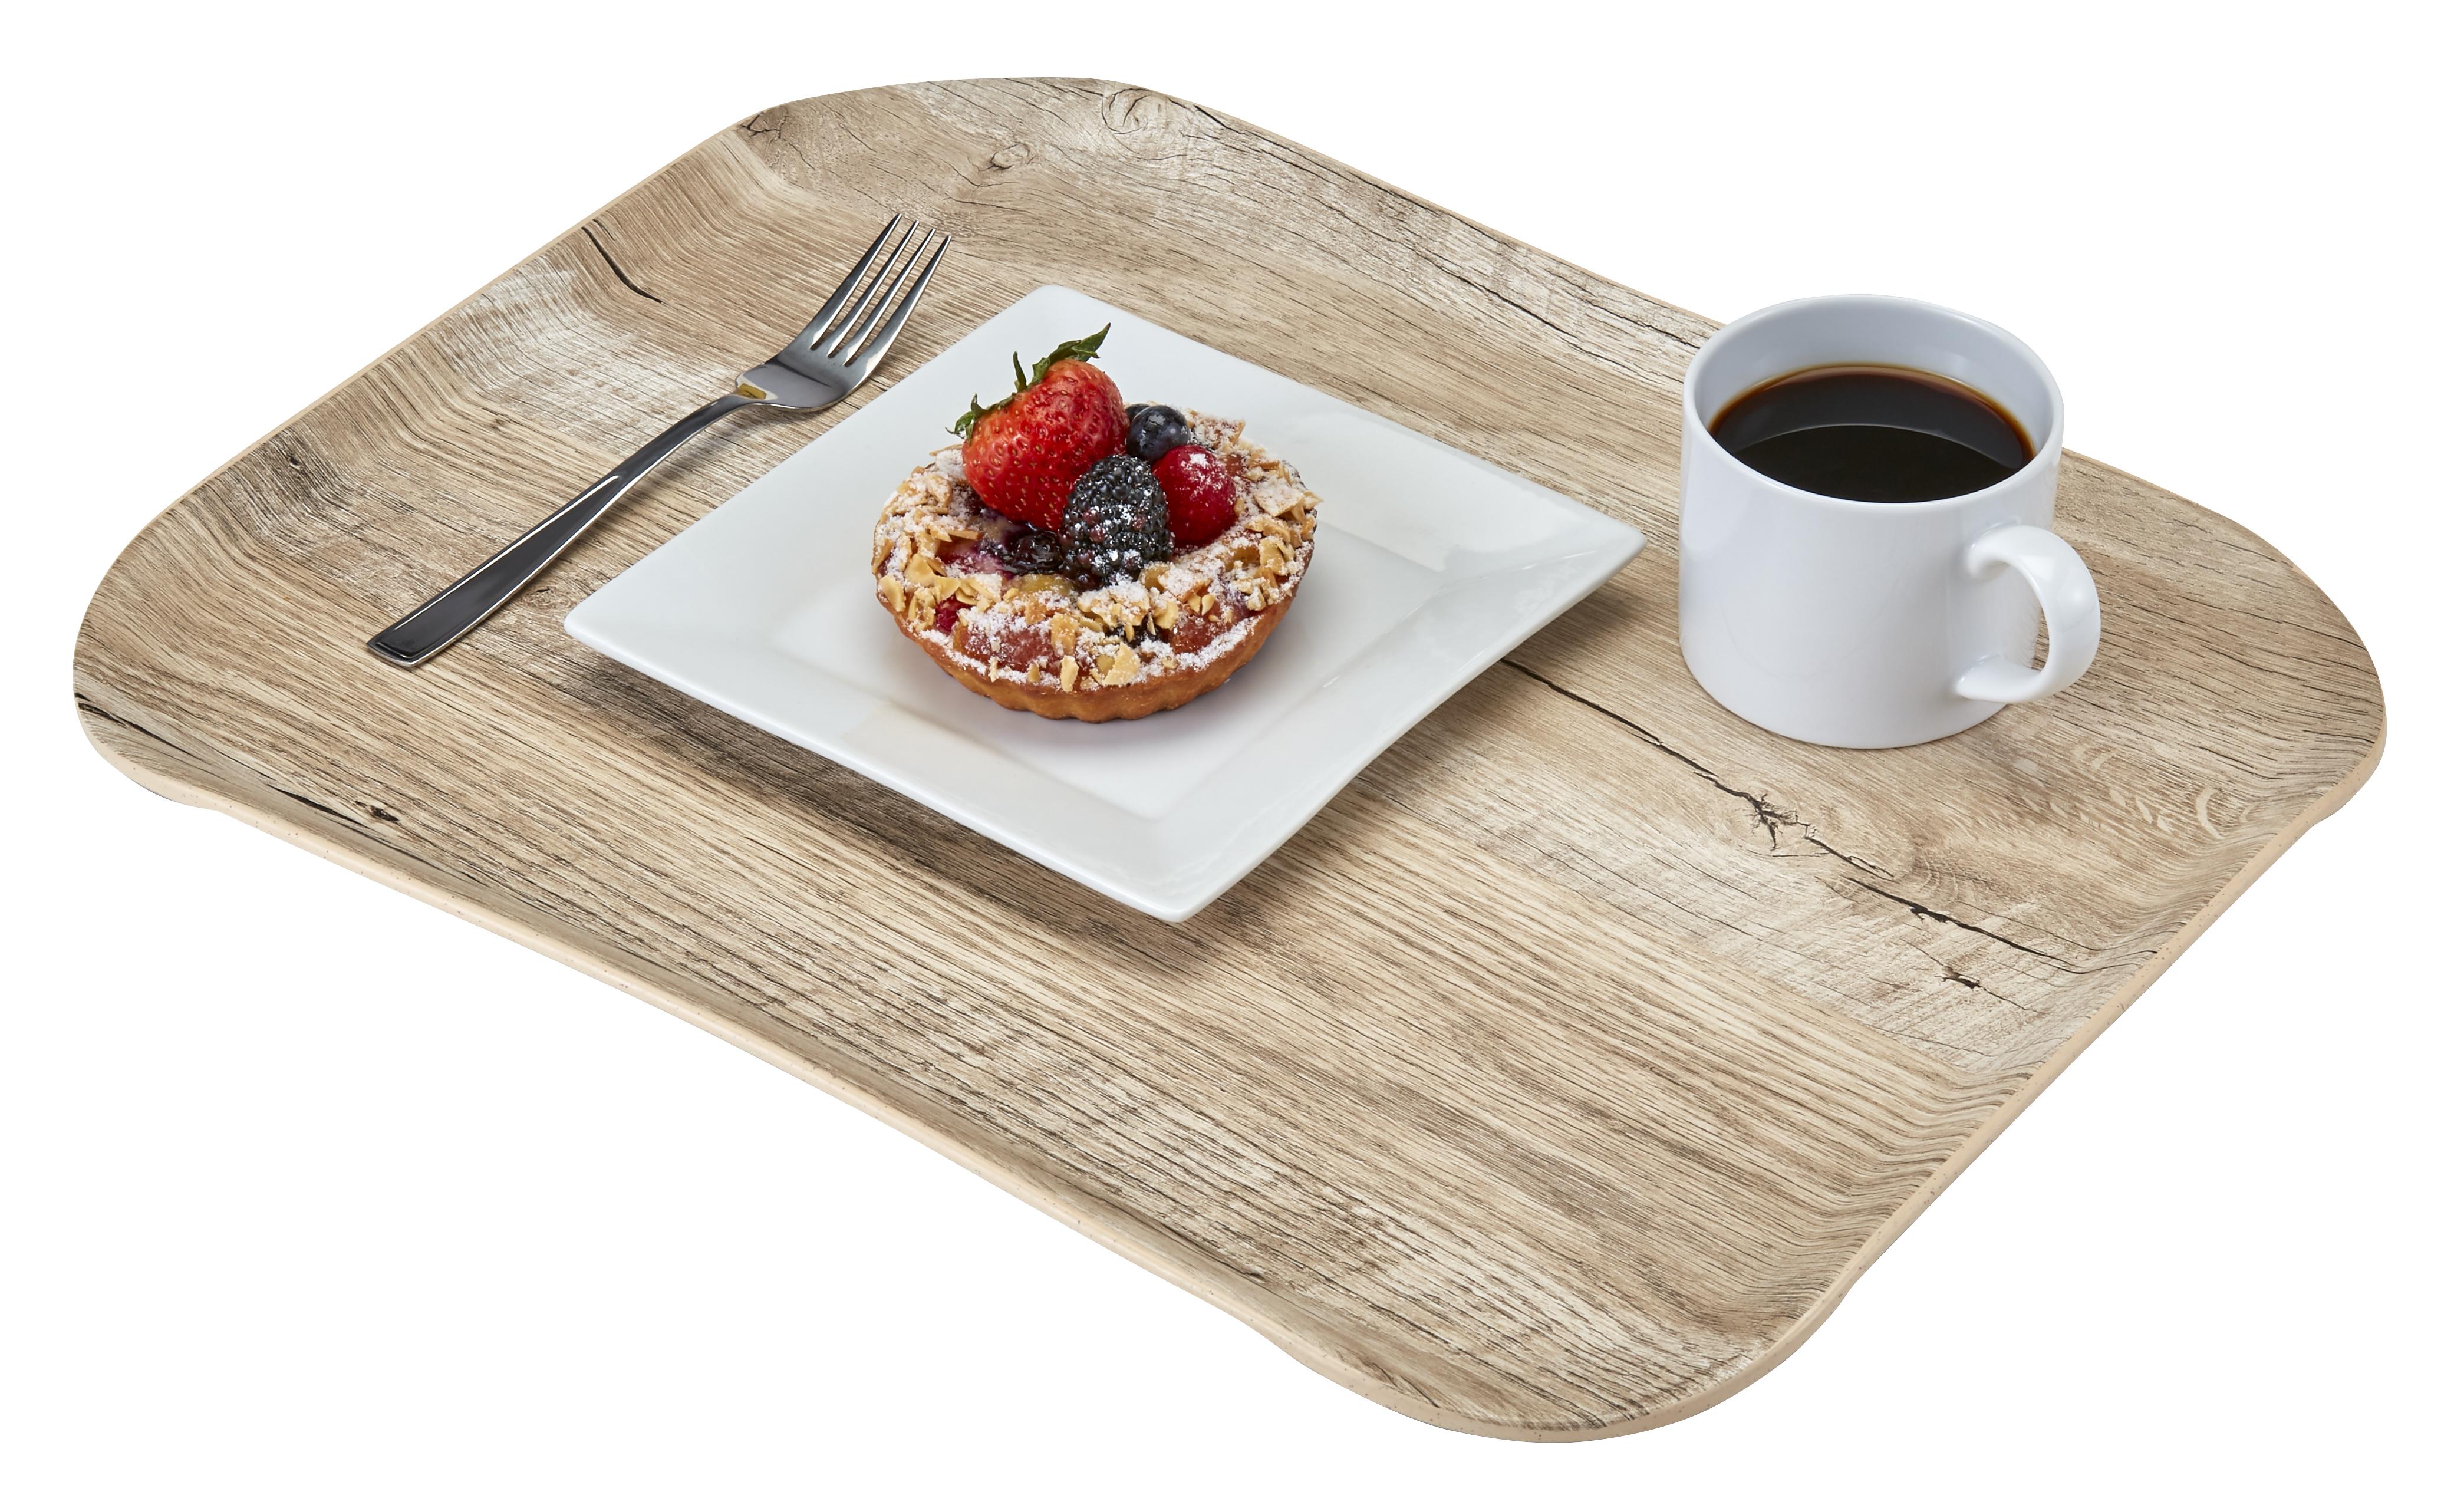 Podnos Wood polyesterový 35,5x45,7 cm